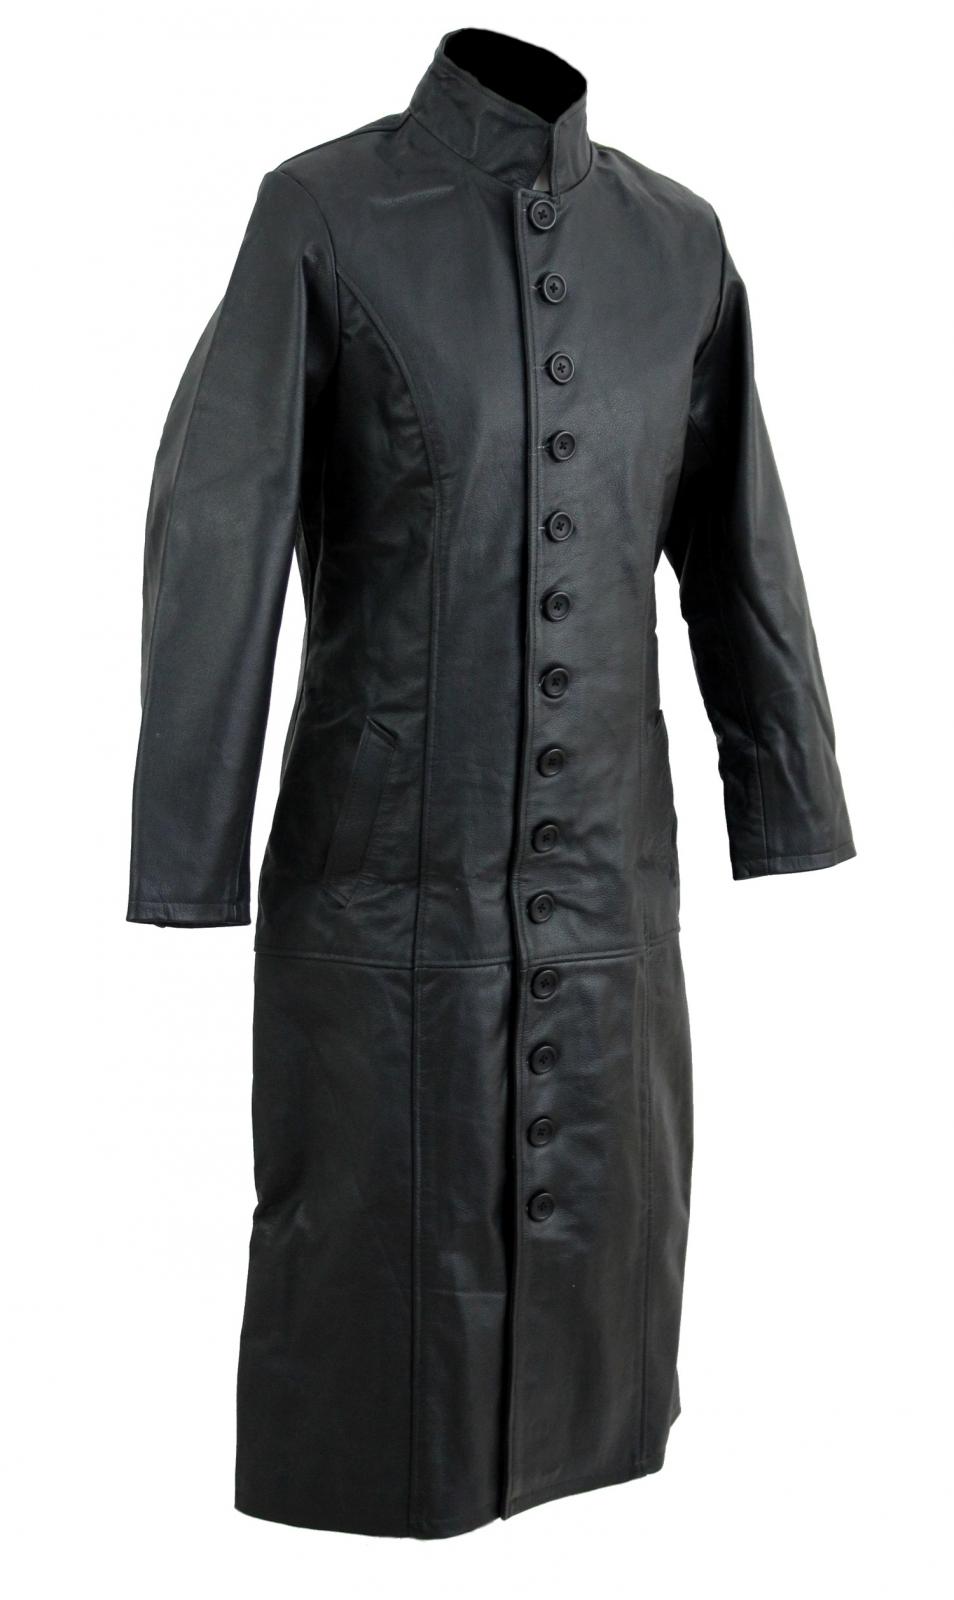 kc019 manteau long cuir noir karno style matrix gothique mode cuir h f veste et manteau cuir. Black Bedroom Furniture Sets. Home Design Ideas